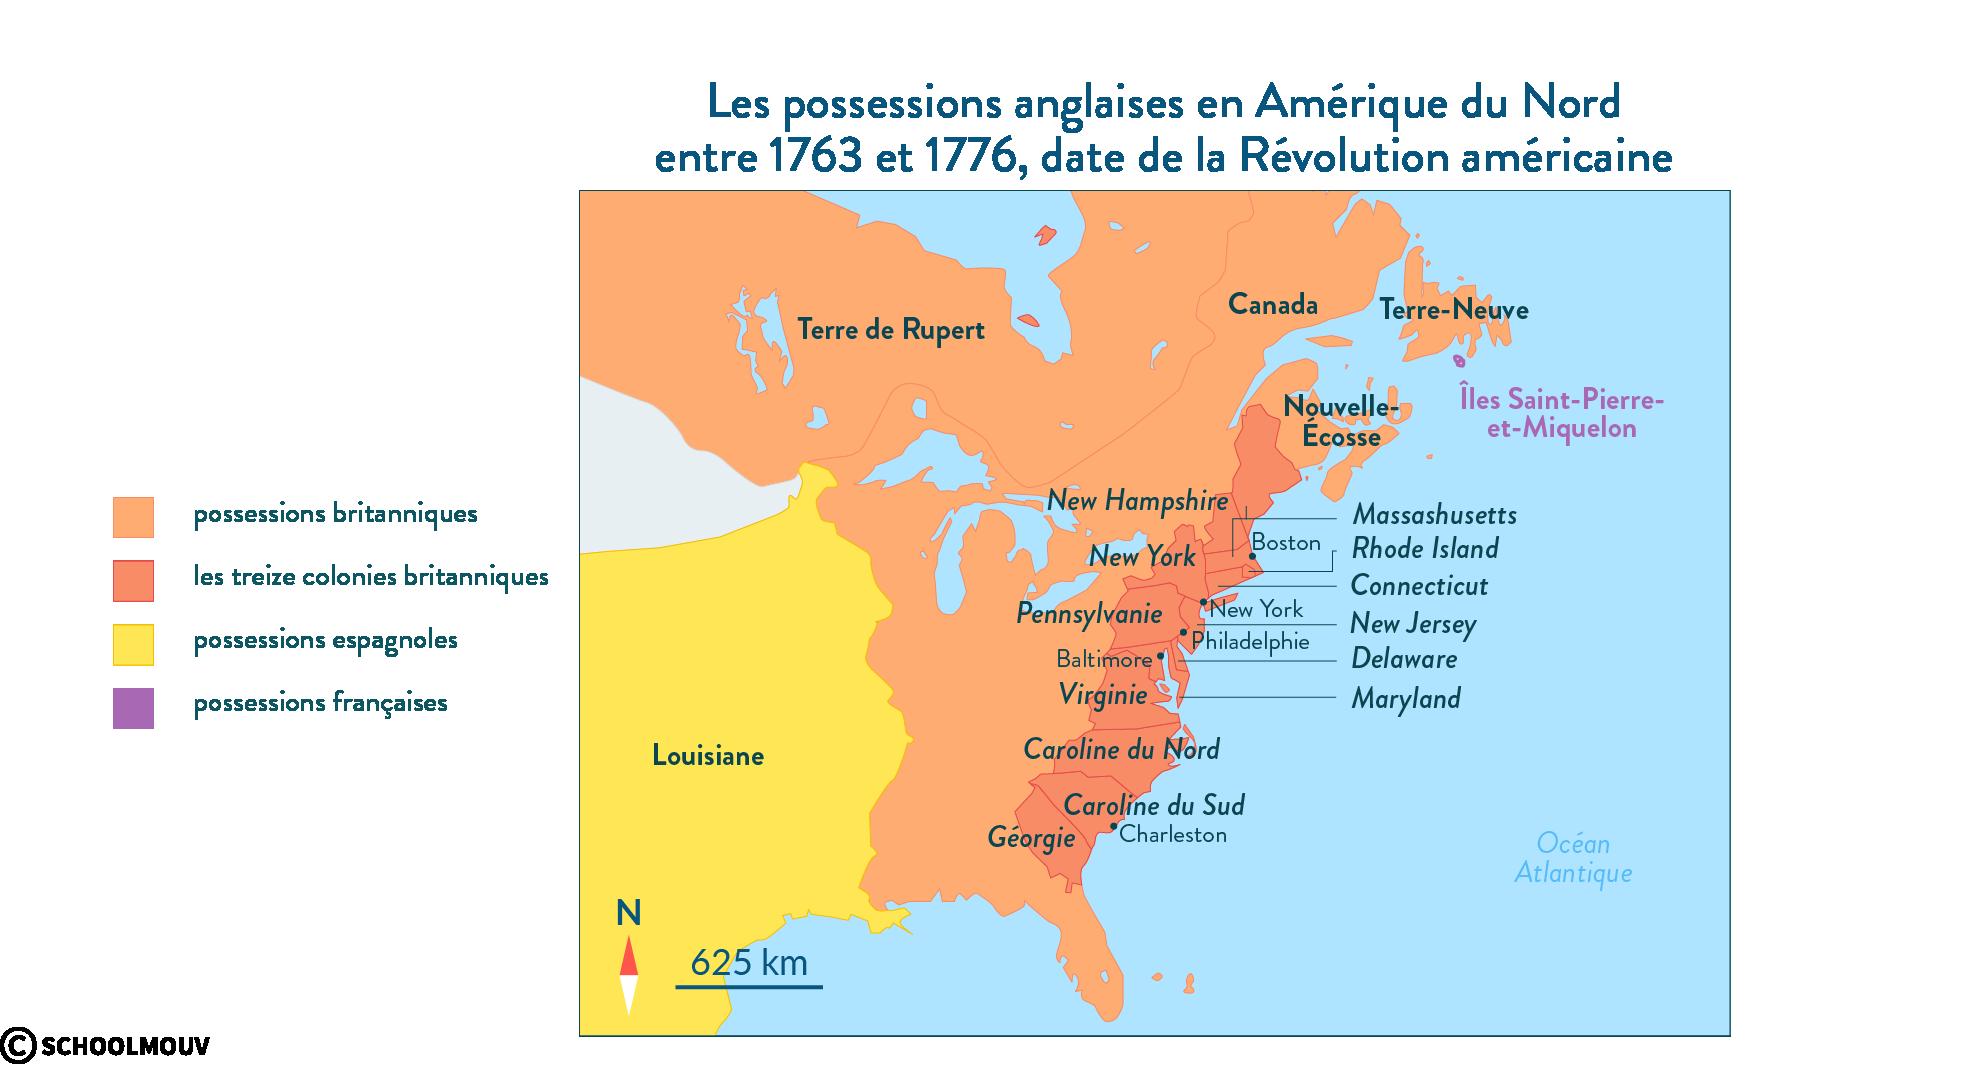 Les possessions anglaises en Amérique du Nord entre1763 et1776, date de la Révolution américaine - Histoire - SchoolMouv - 2de